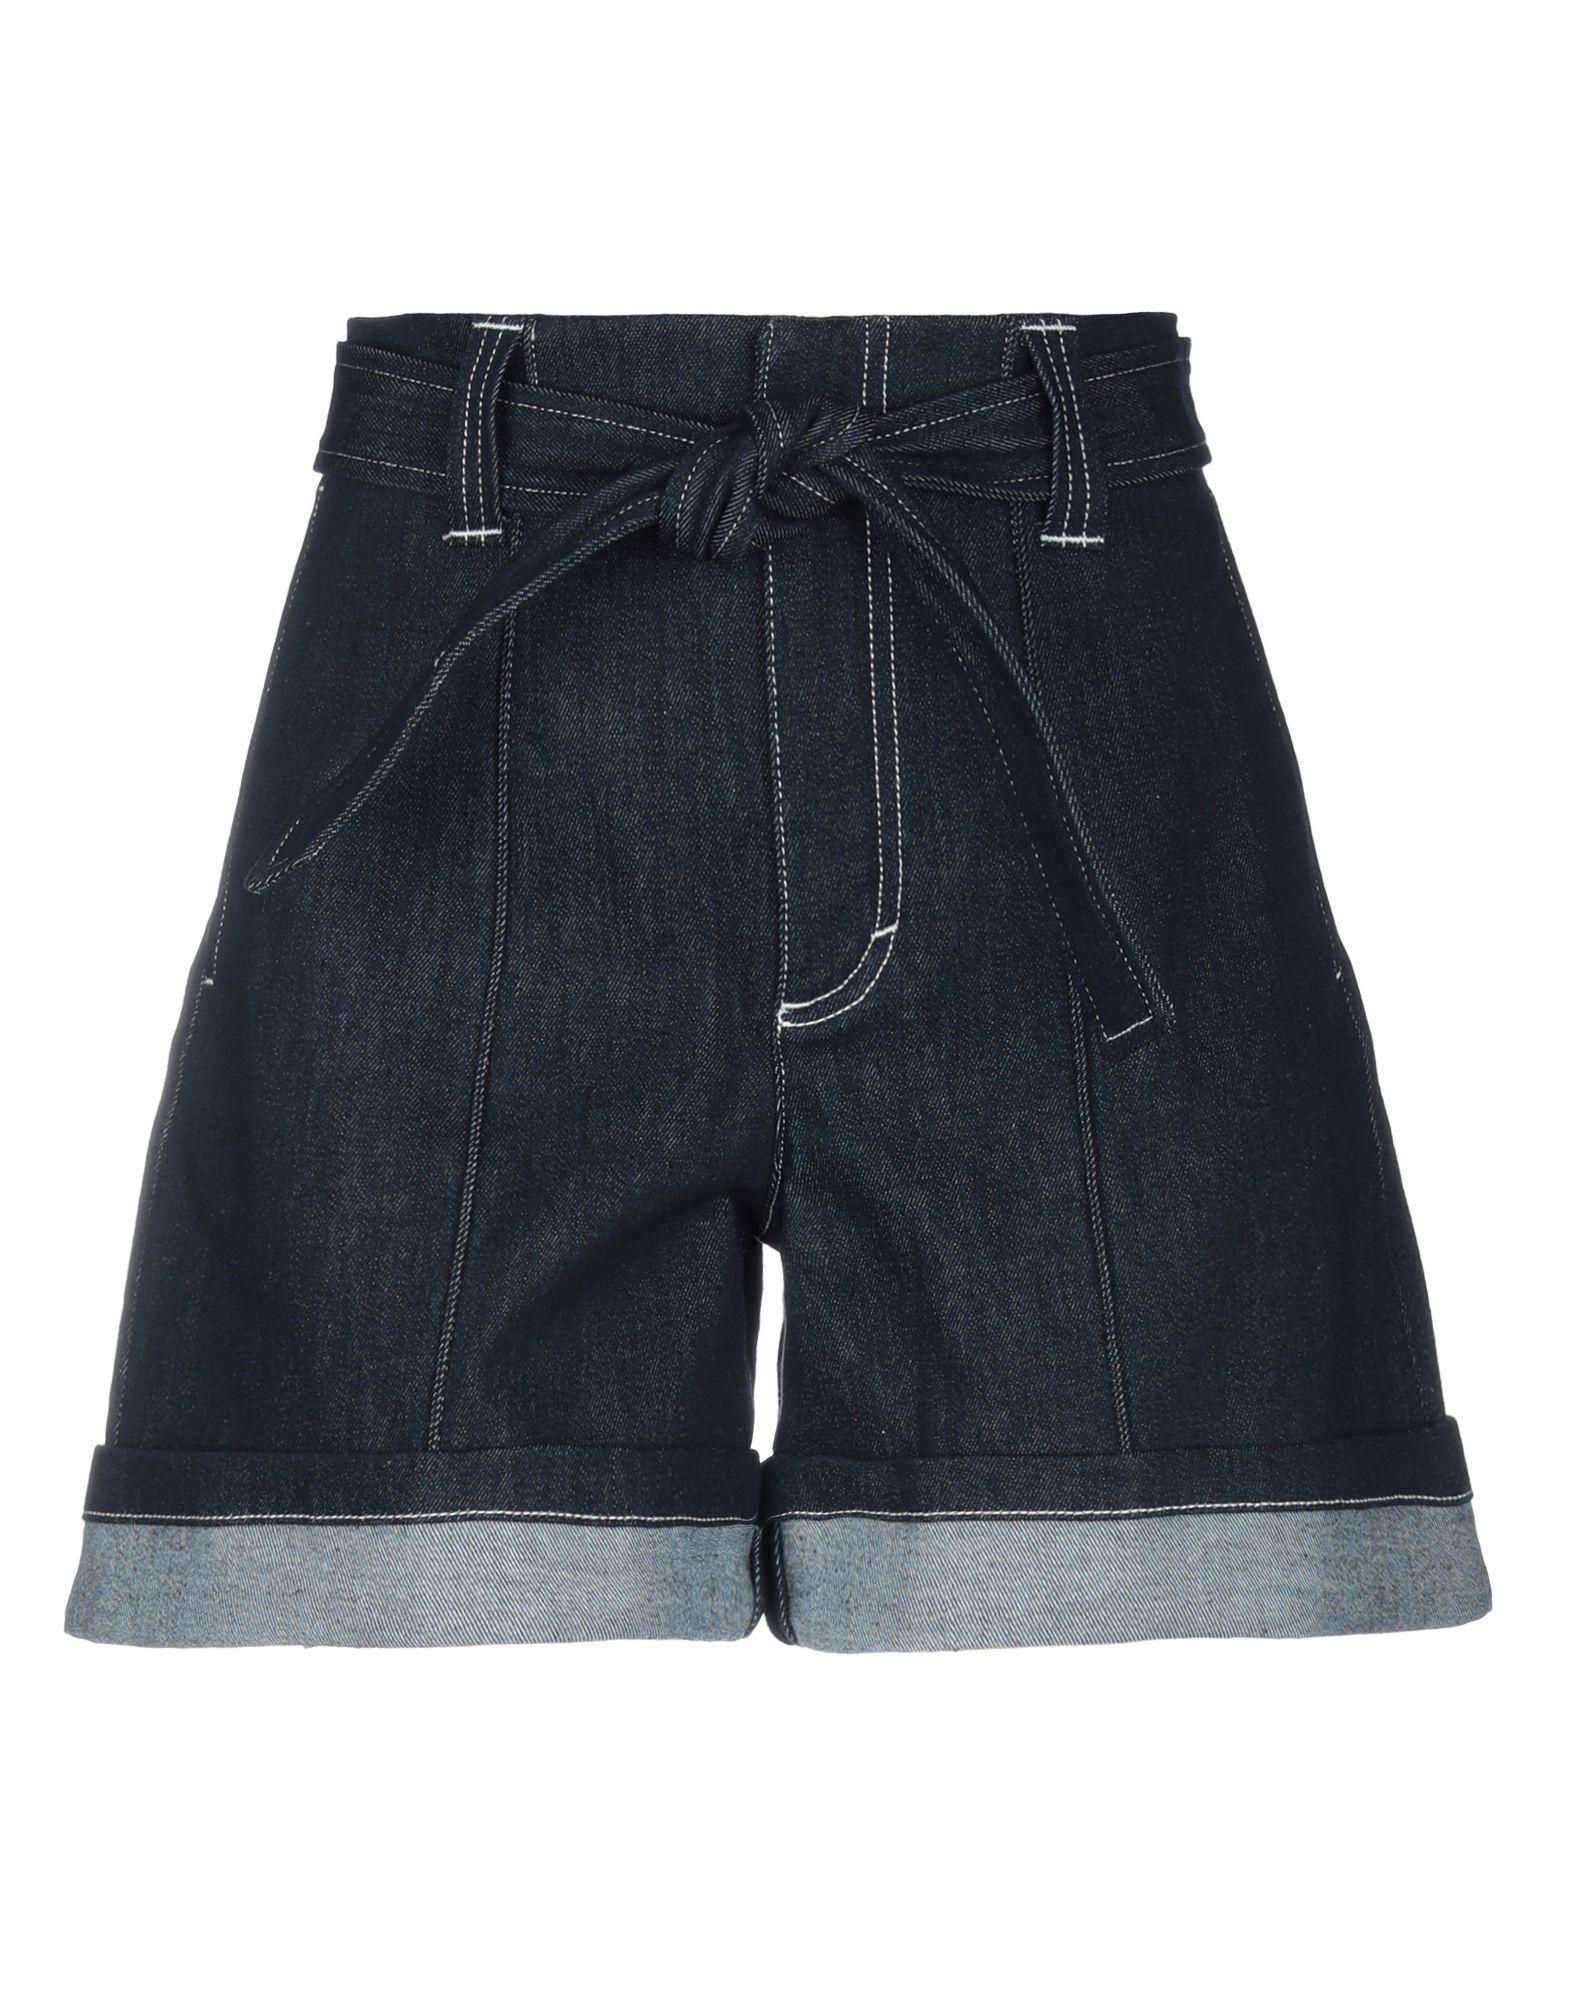 Фото - CHLOÉ Джинсовые шорты please джинсовые шорты